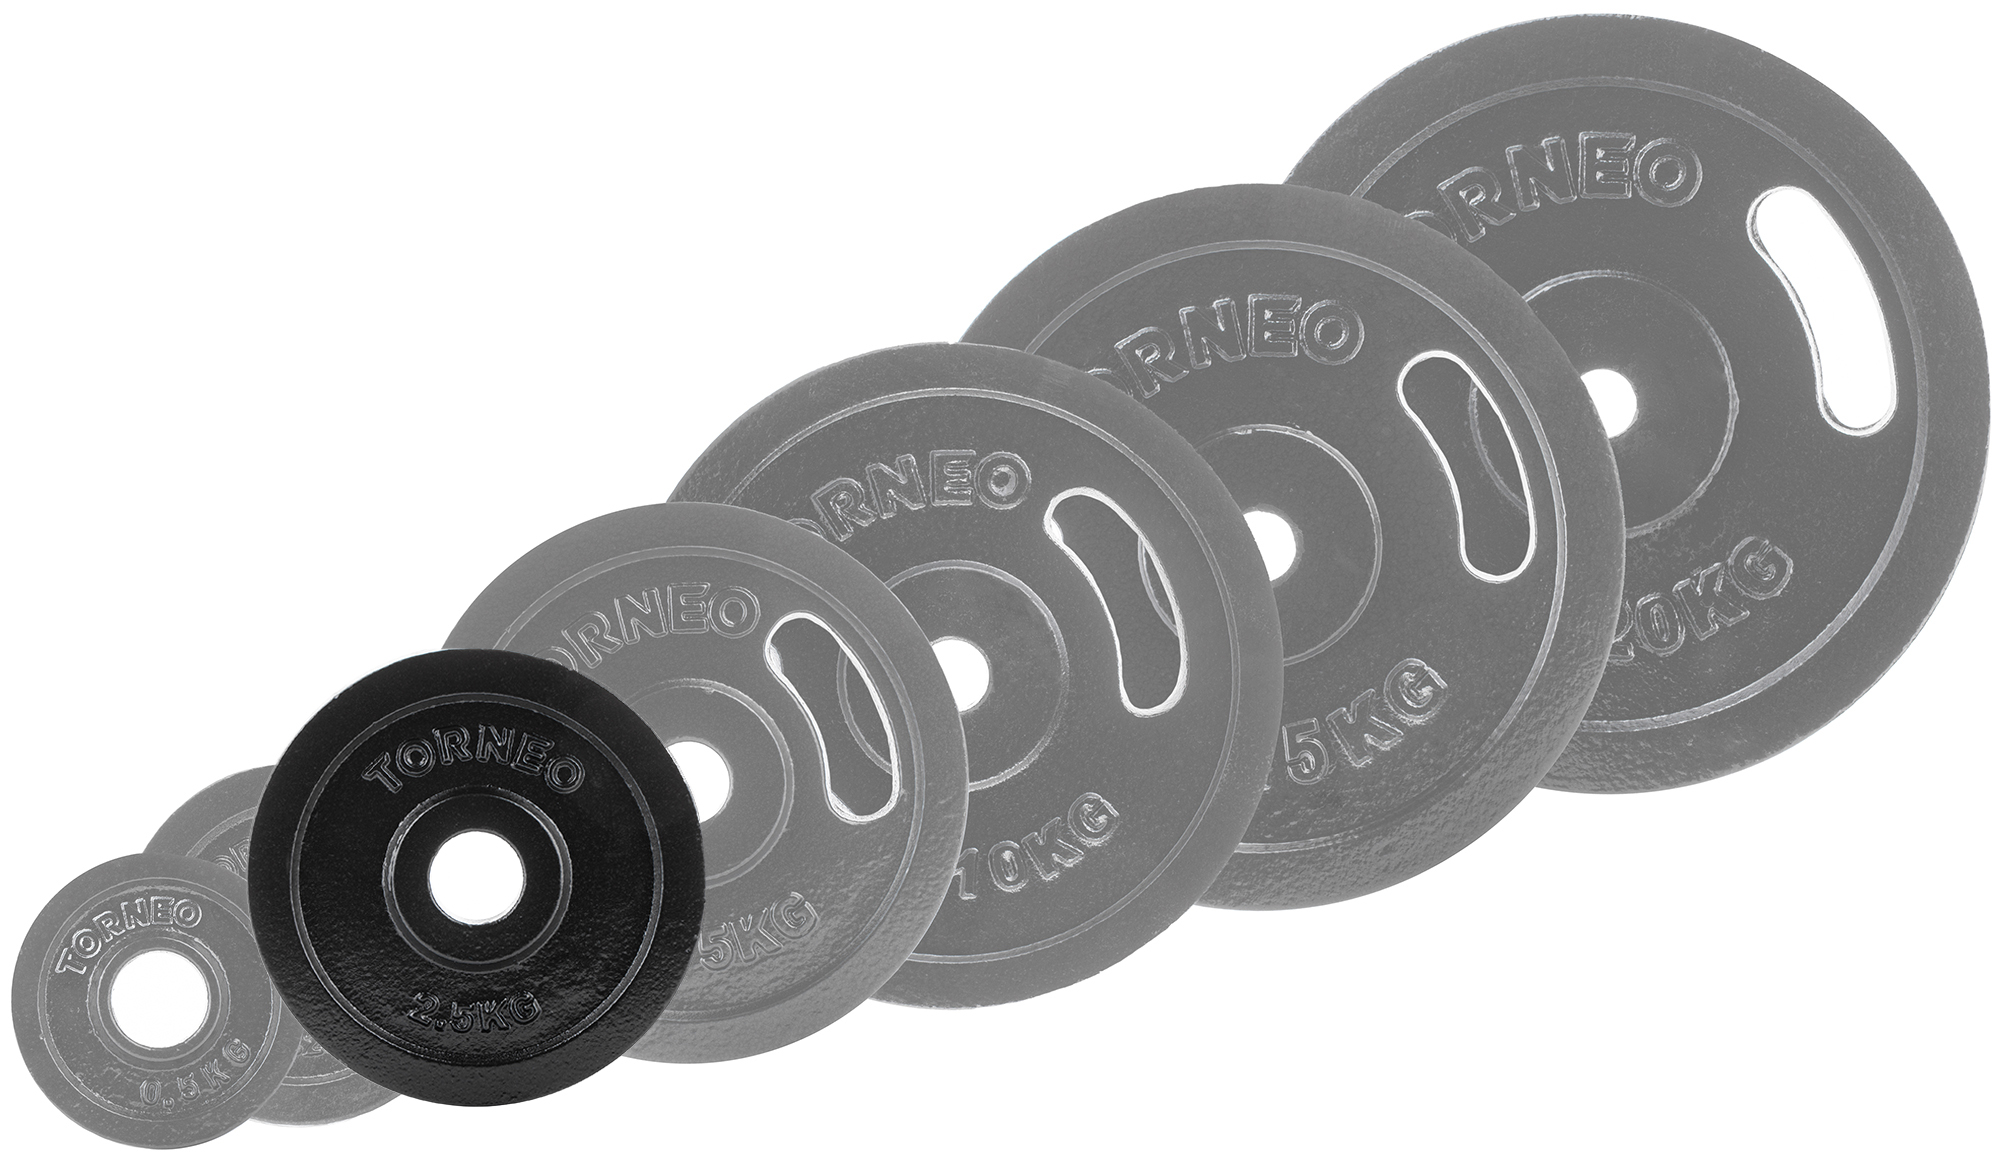 Torneo Блин Torneo стальной, 2,5 кг